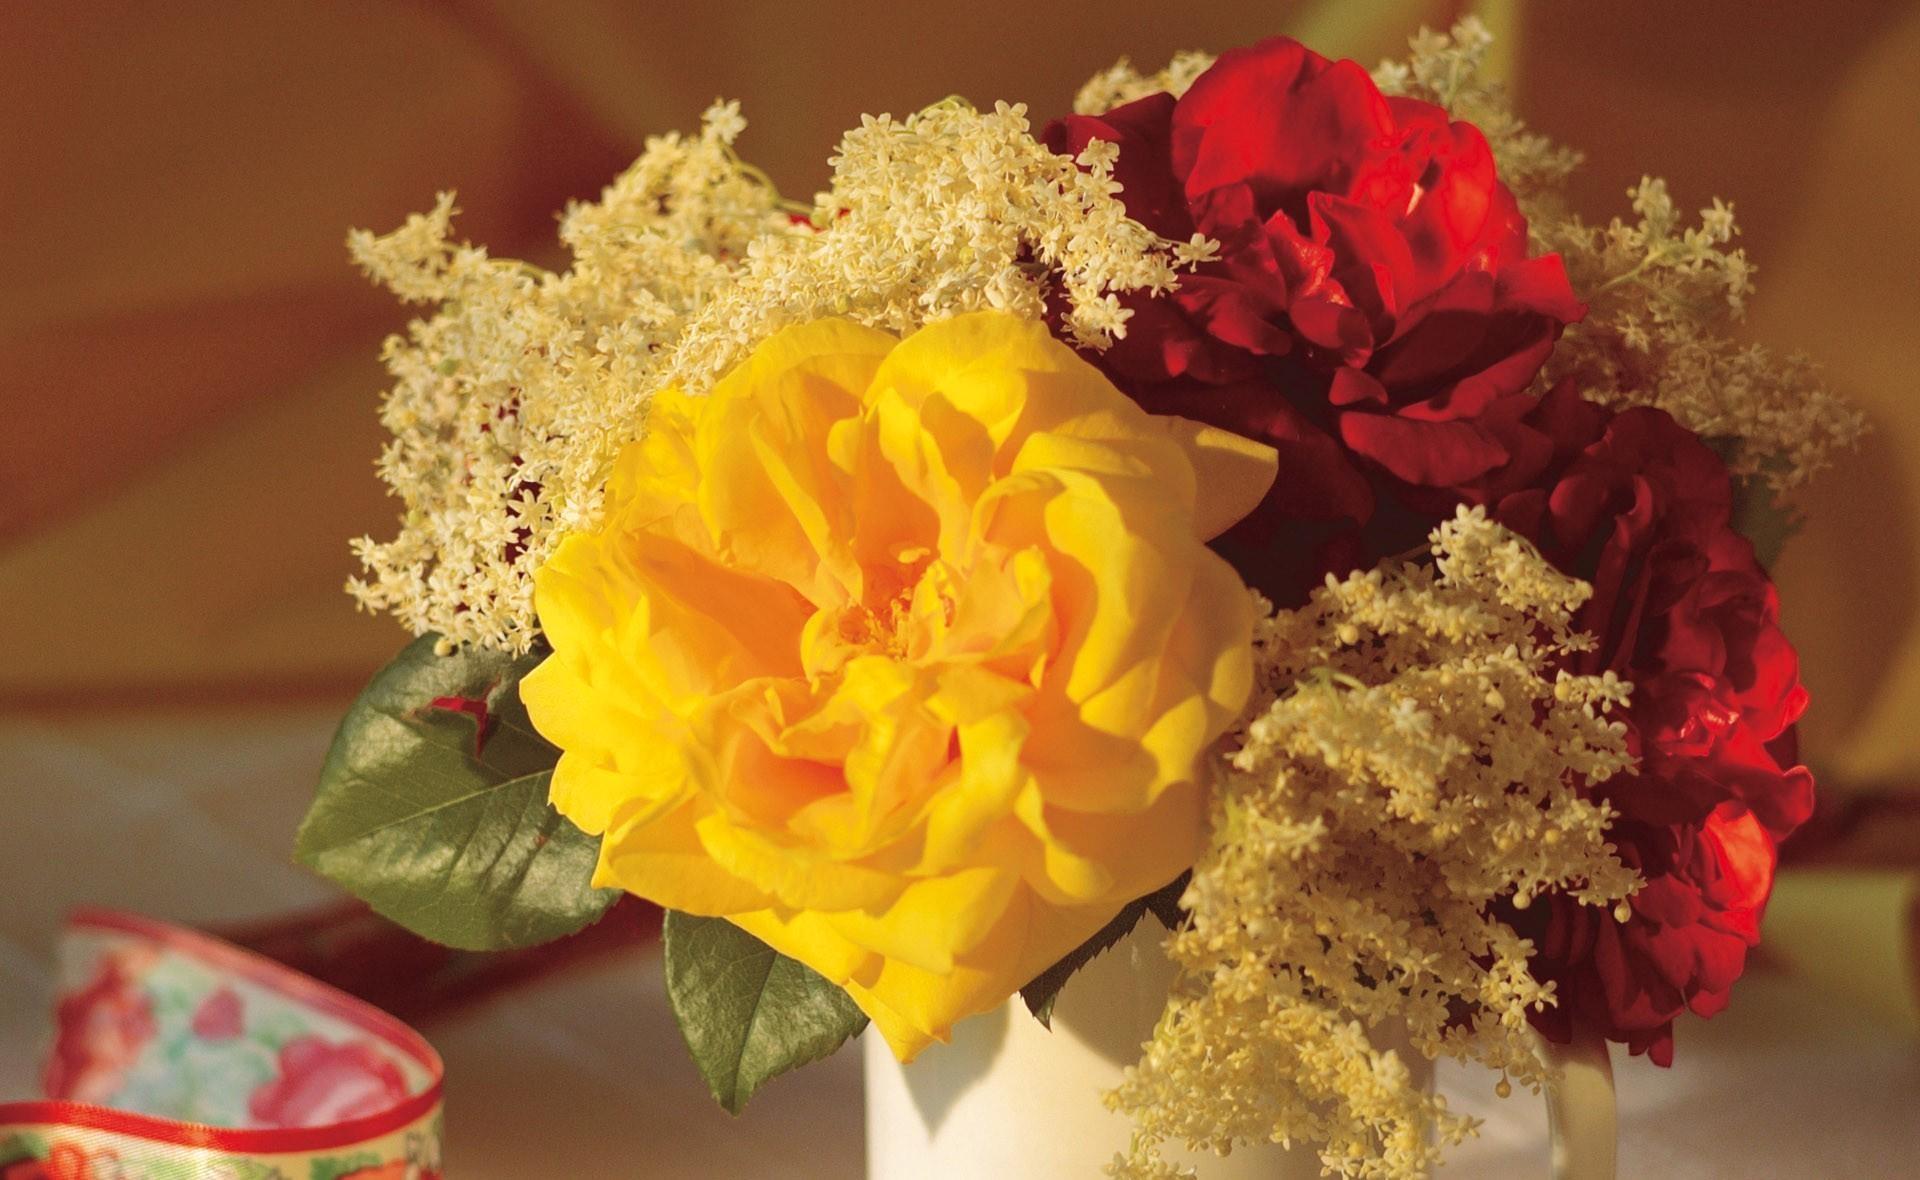 73958 скачать обои Цветы, Букет, Кружка, Крупный План, Розы - заставки и картинки бесплатно